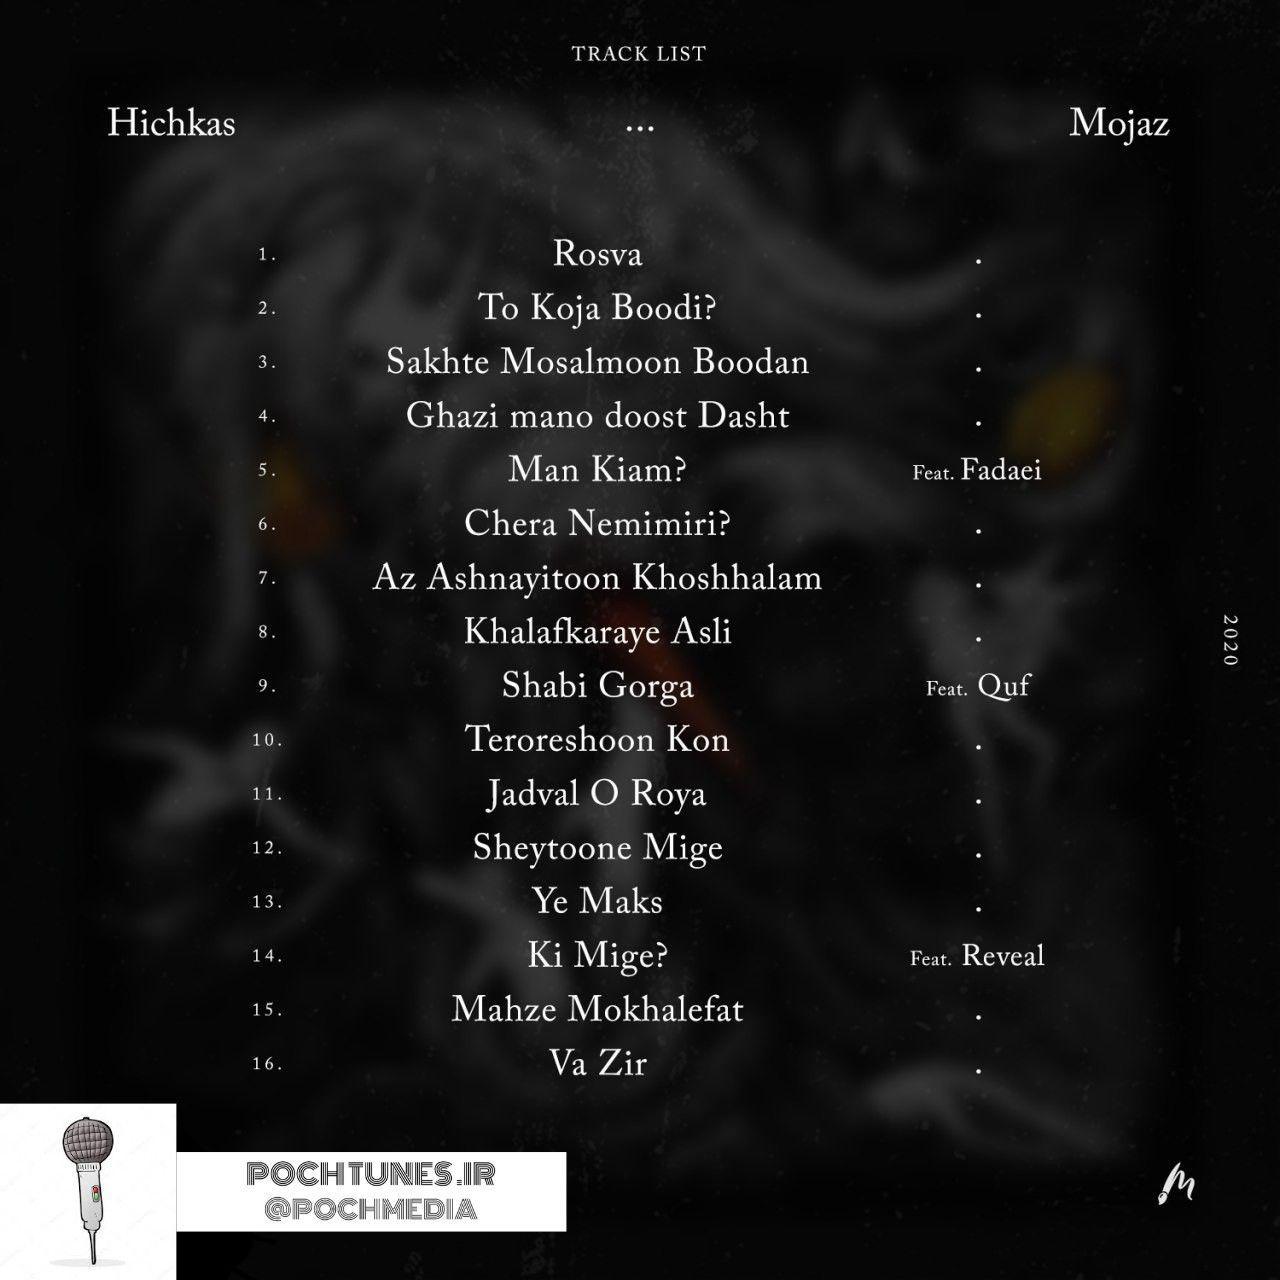 ترک لیست آلبوم مجاز از هیچکس